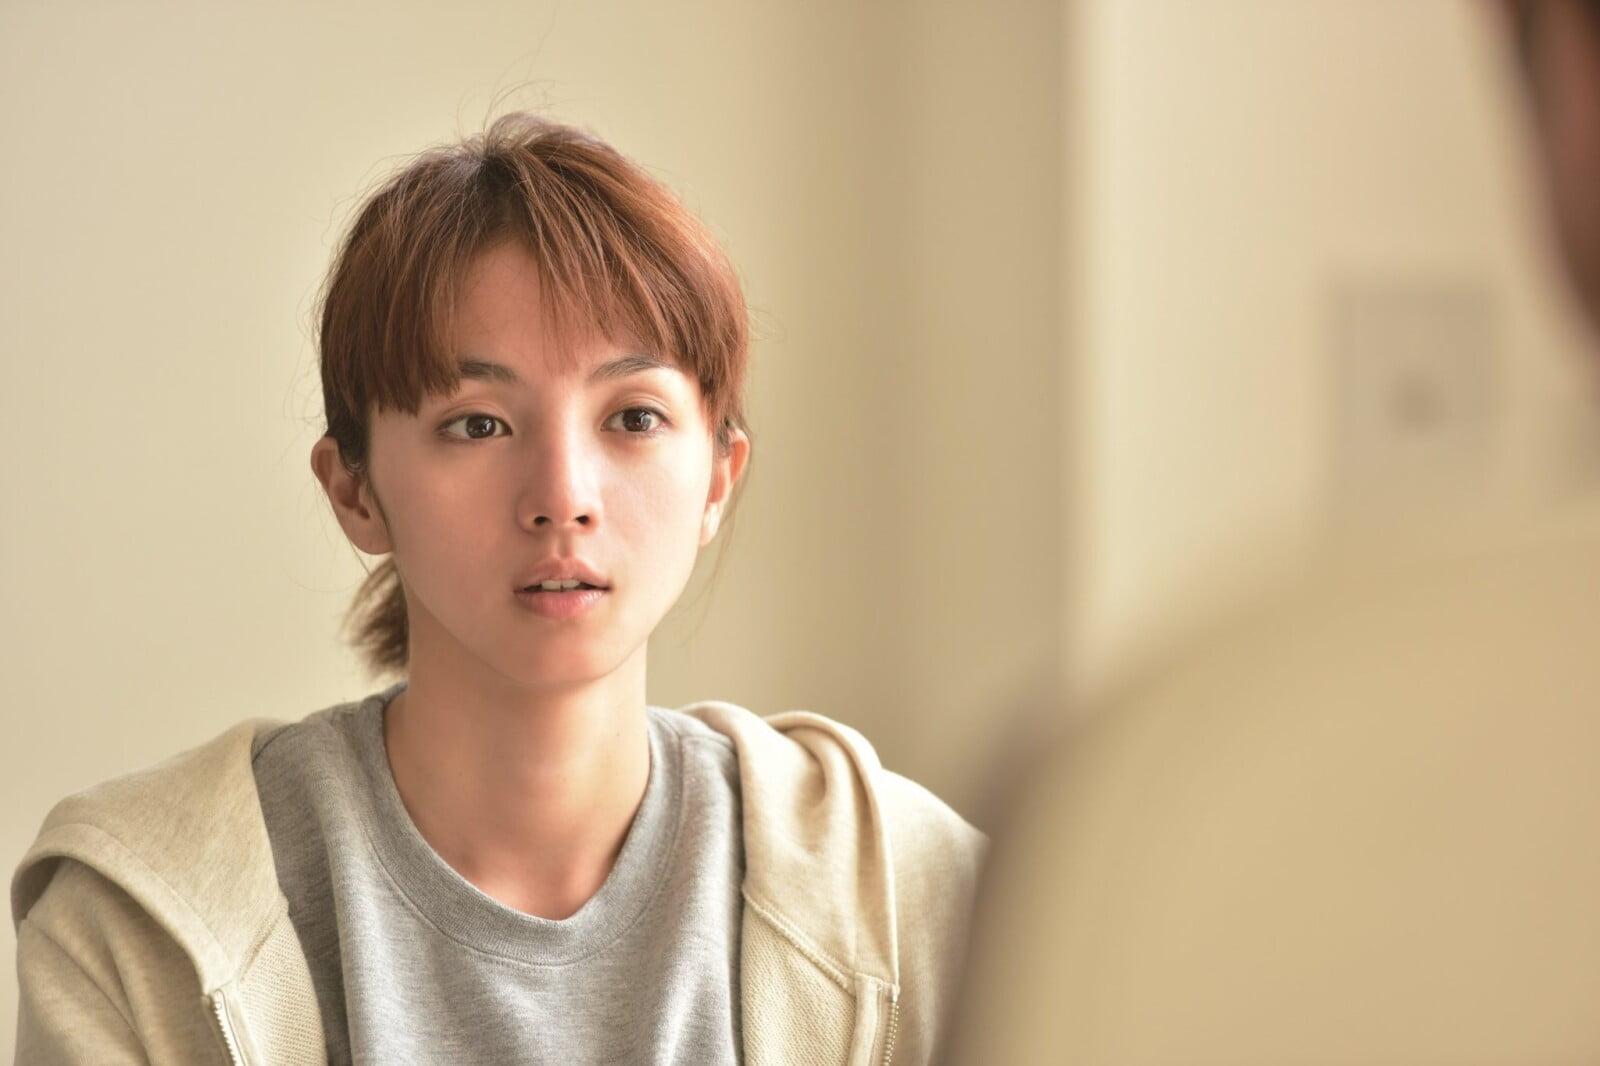 """妻夫木聡、満島ひかりらが繰り広げる数々の""""愚行"""" 映画『愚行録』は冒頭5分で確実に引き込まれる"""